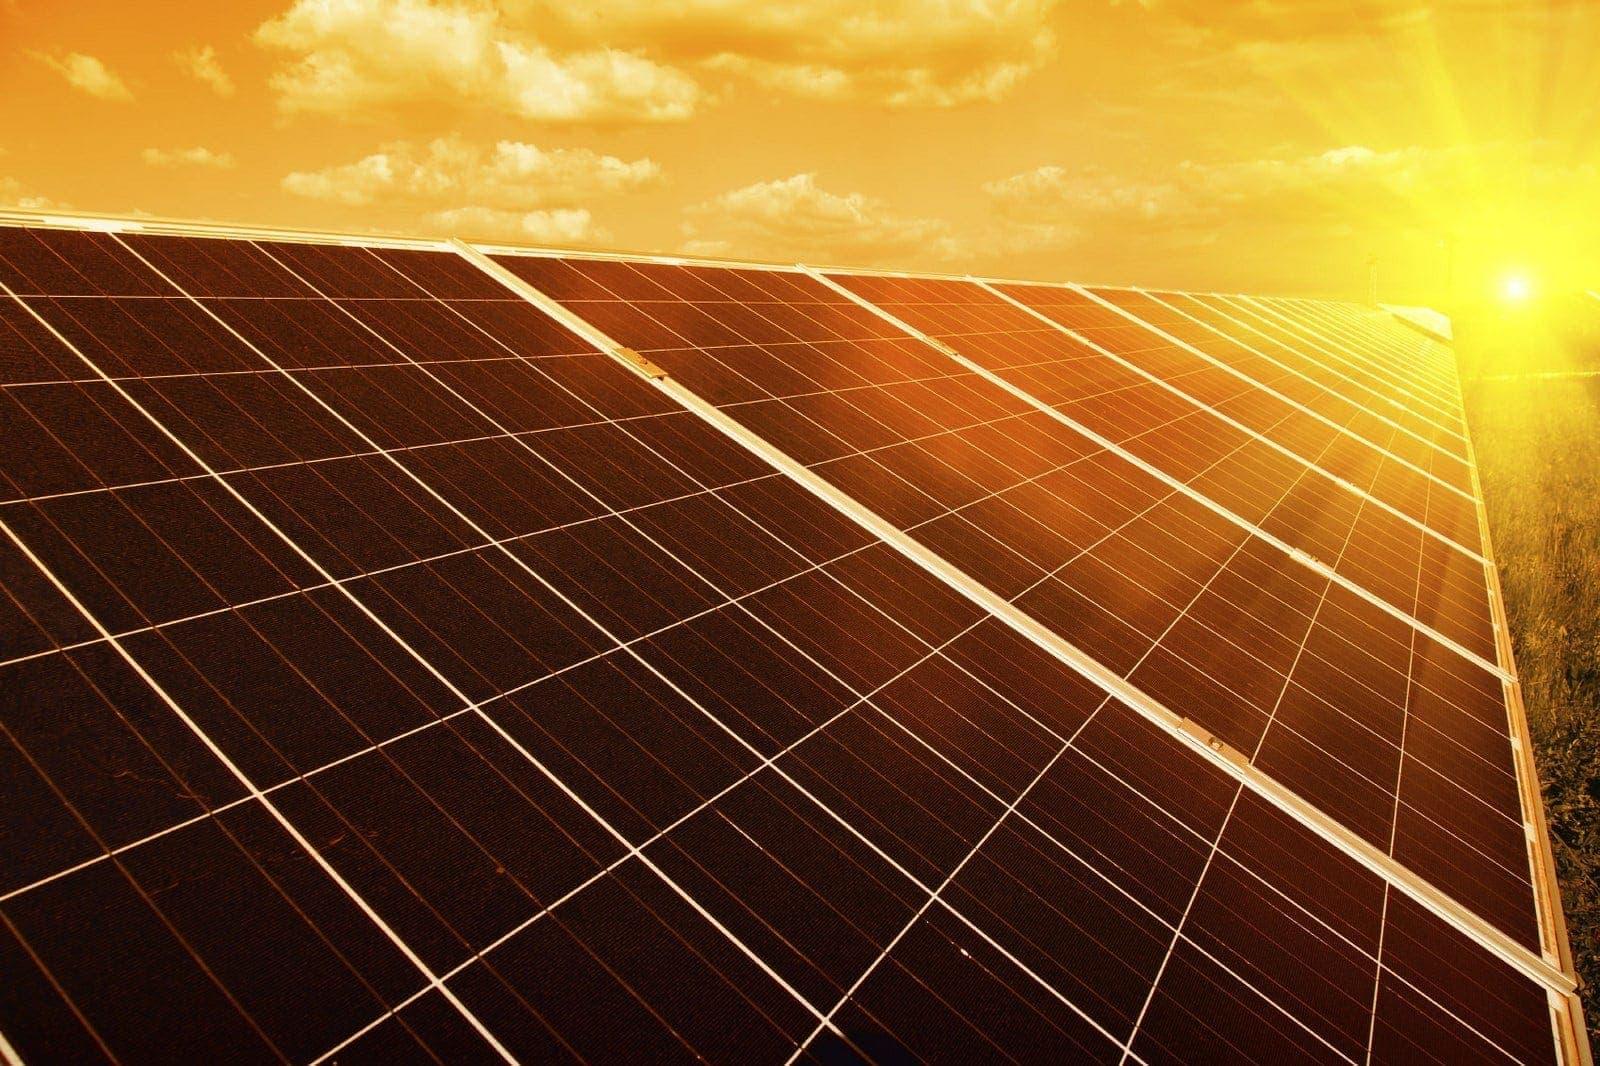 Reducir consumo de energía eléctrica energía solar